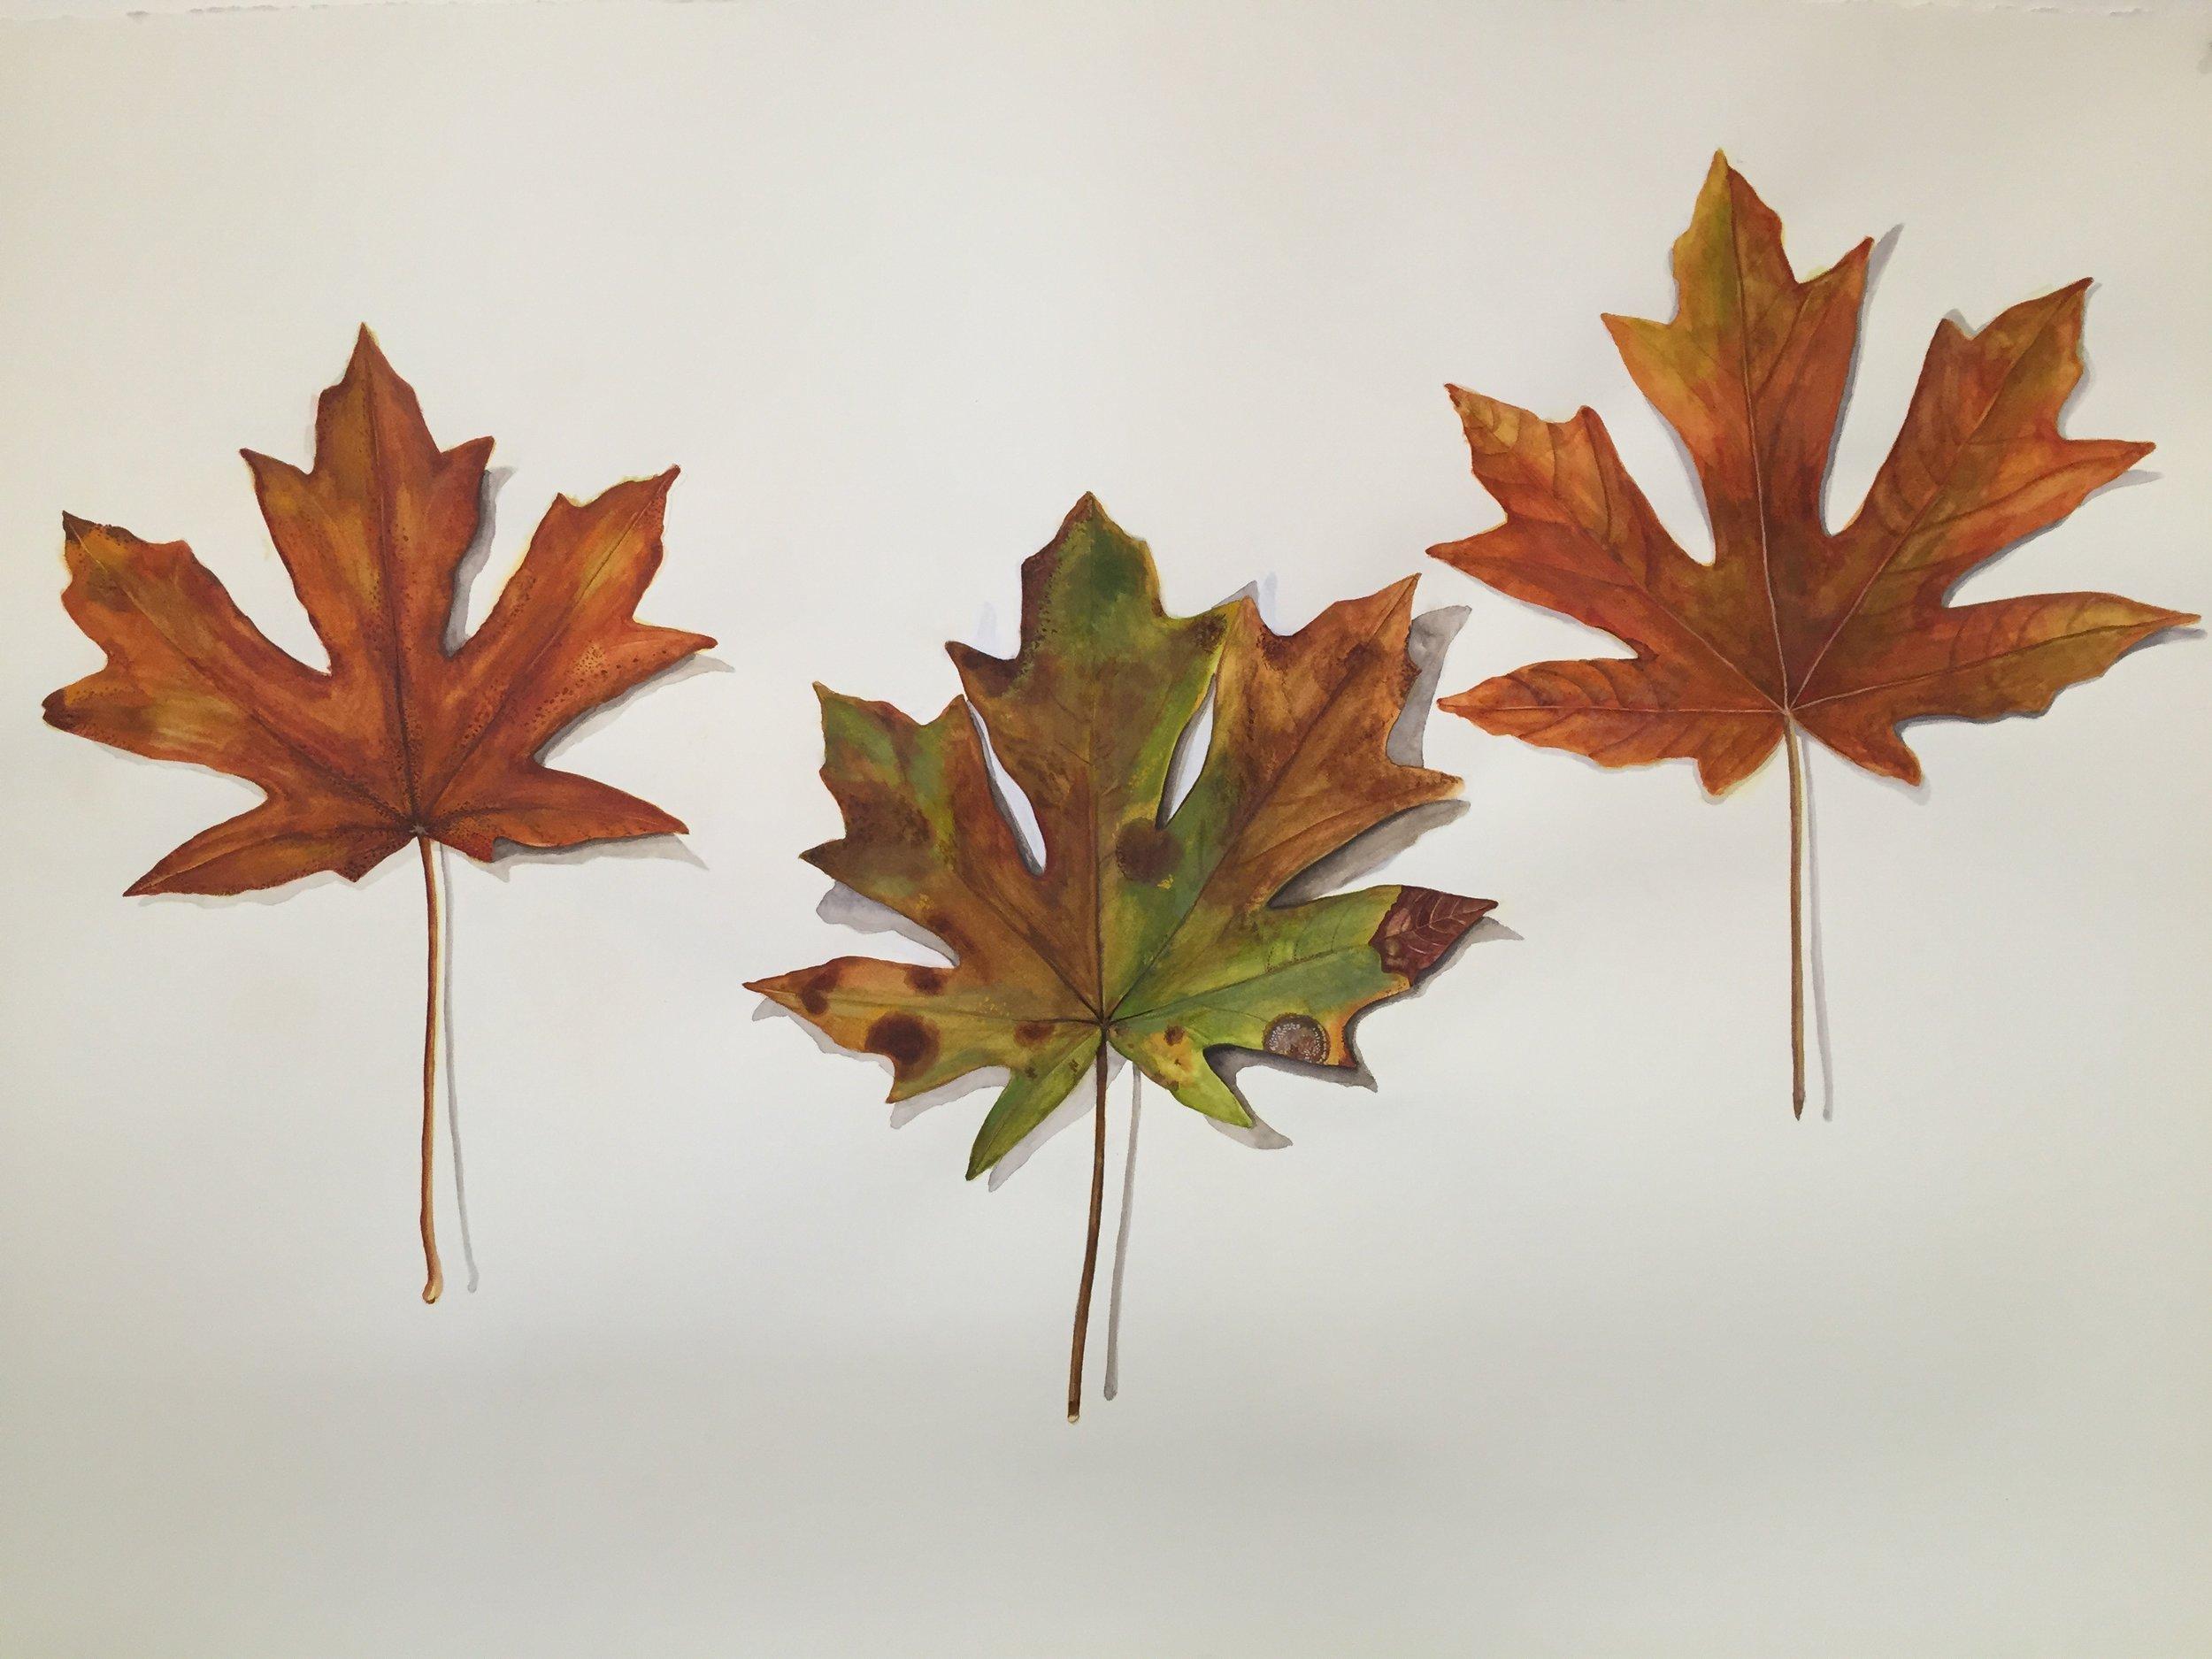 3 Big-Leaf Maple Leaves